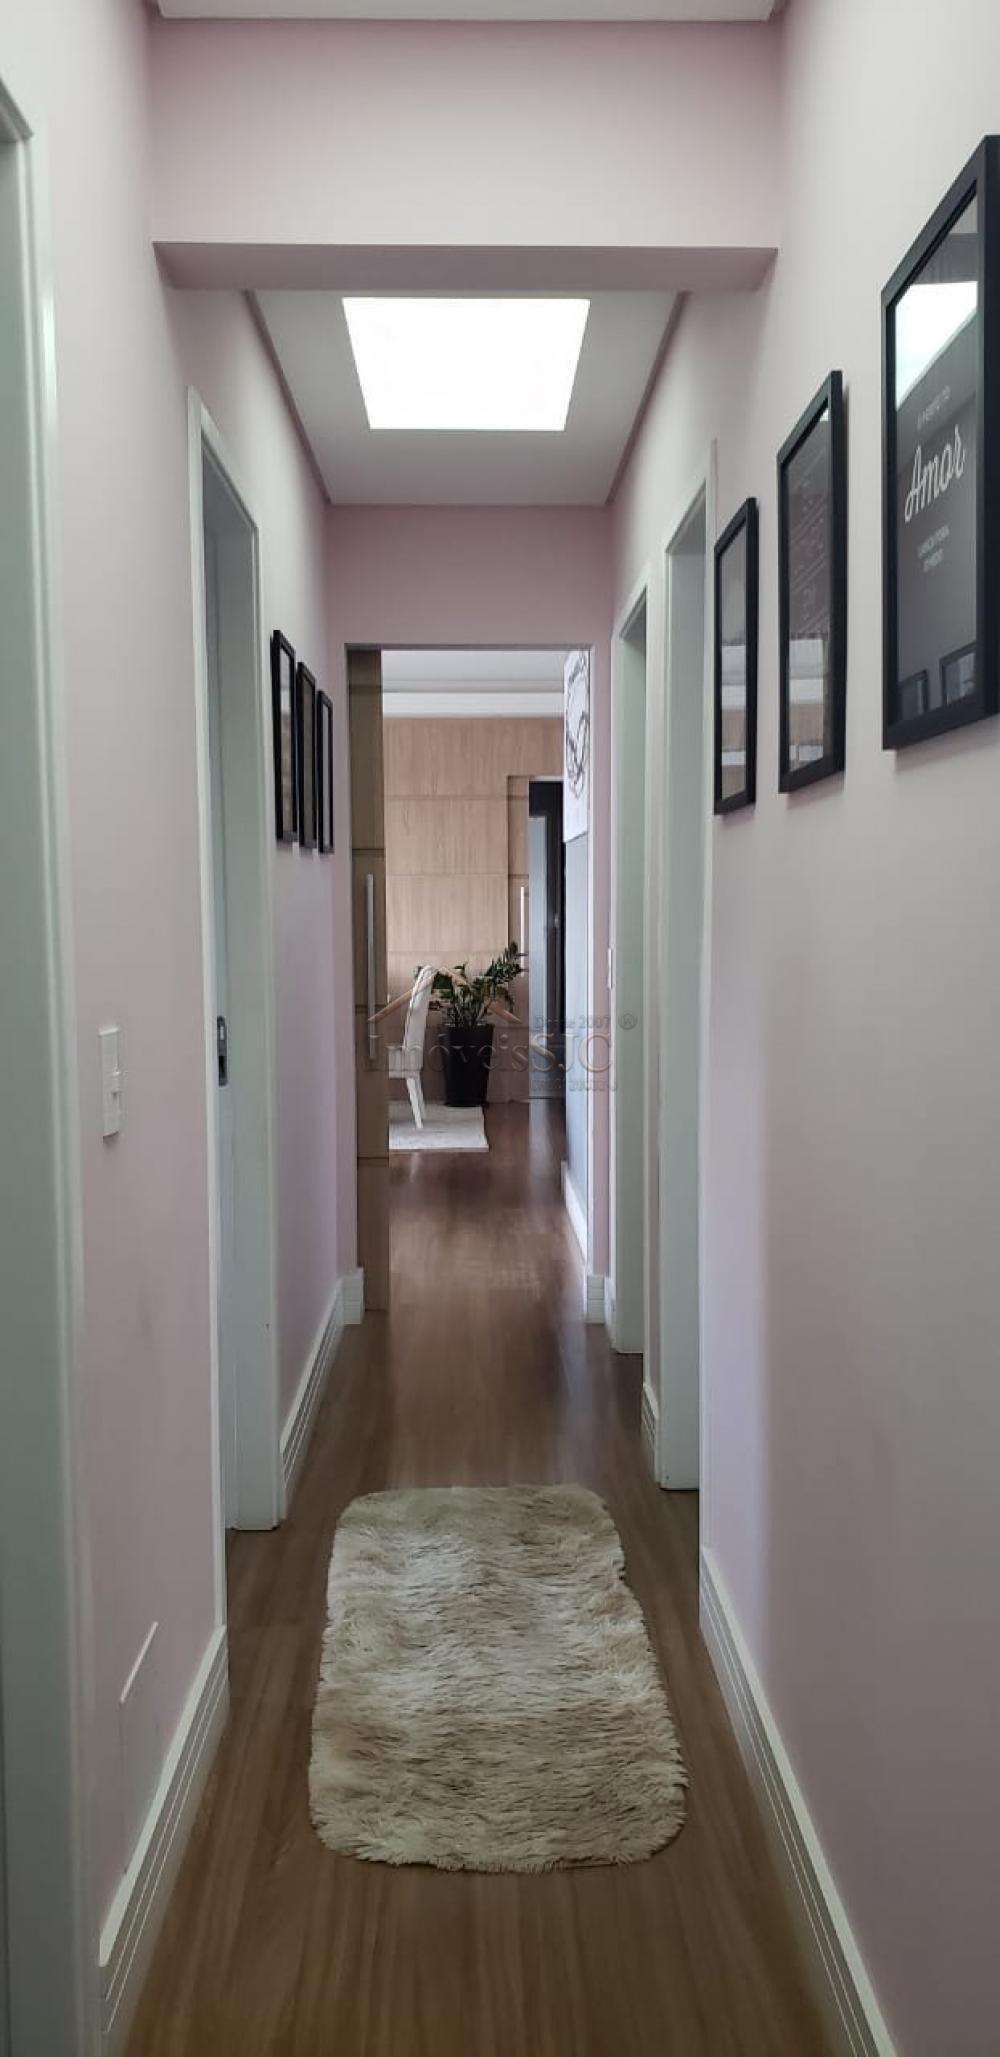 Comprar Apartamentos / Padrão em São José dos Campos apenas R$ 1.200.000,00 - Foto 18